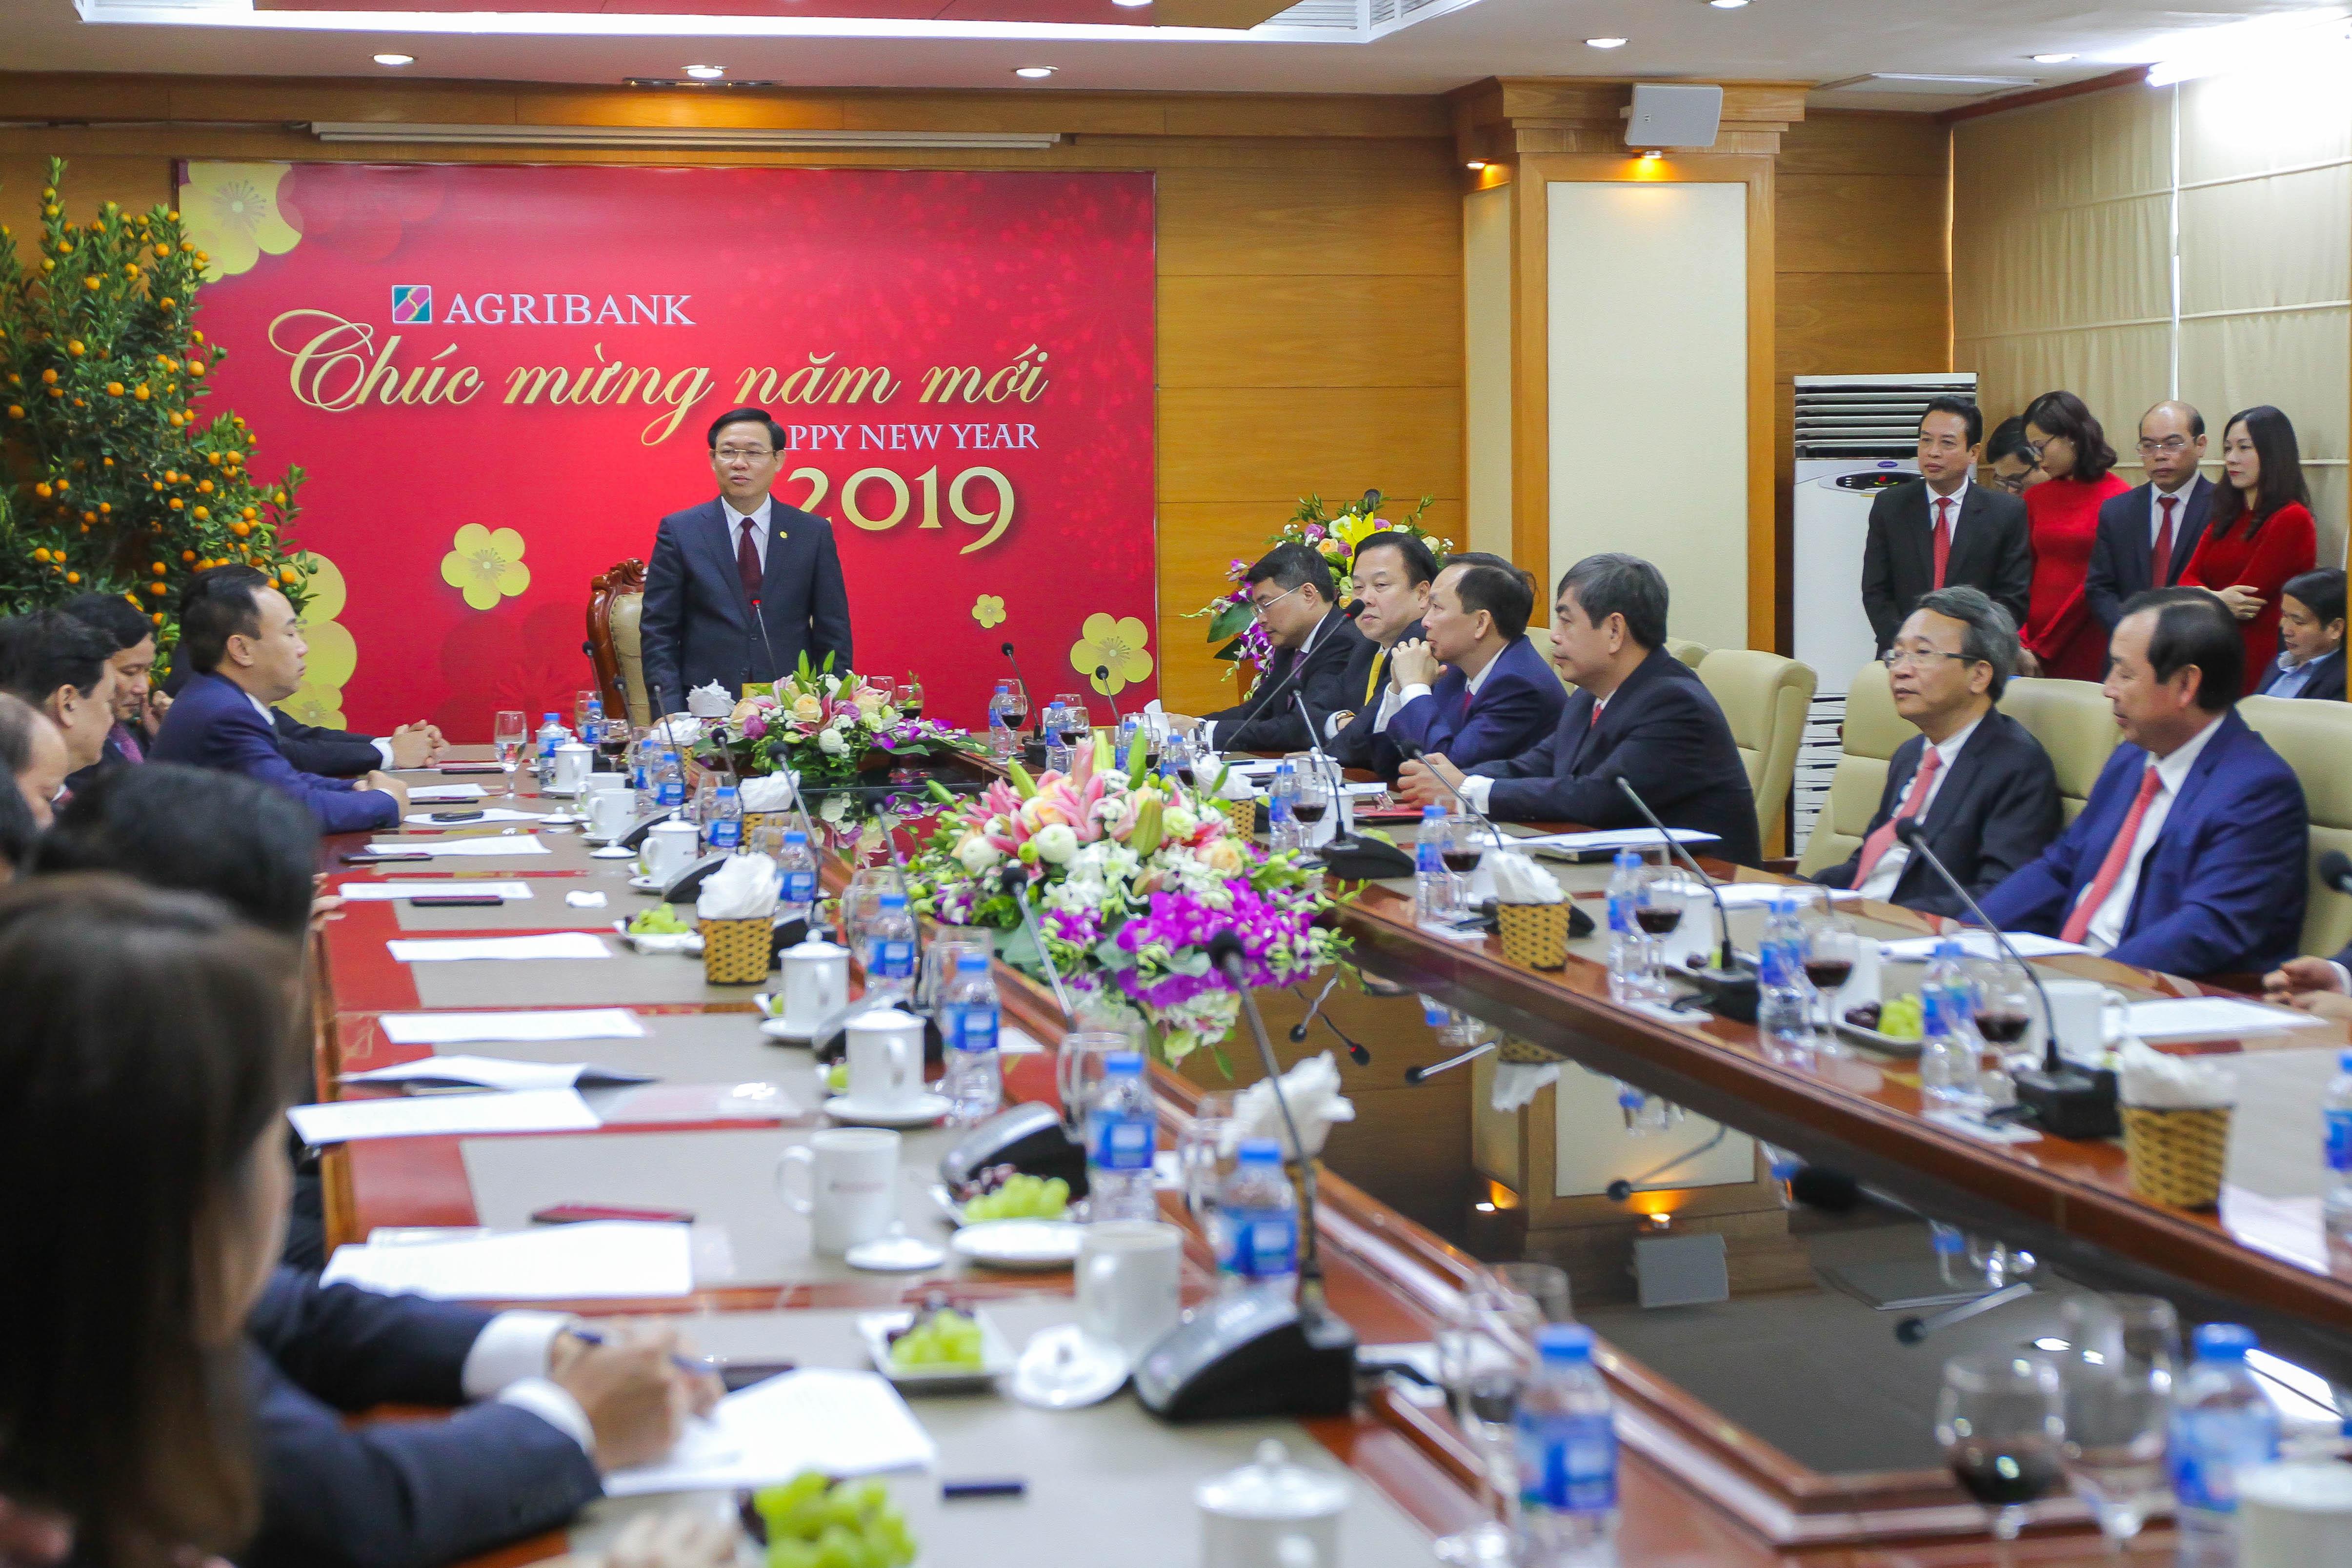 Phó Thủ tướng Vương Đình Huệ làm việc với Agribank.